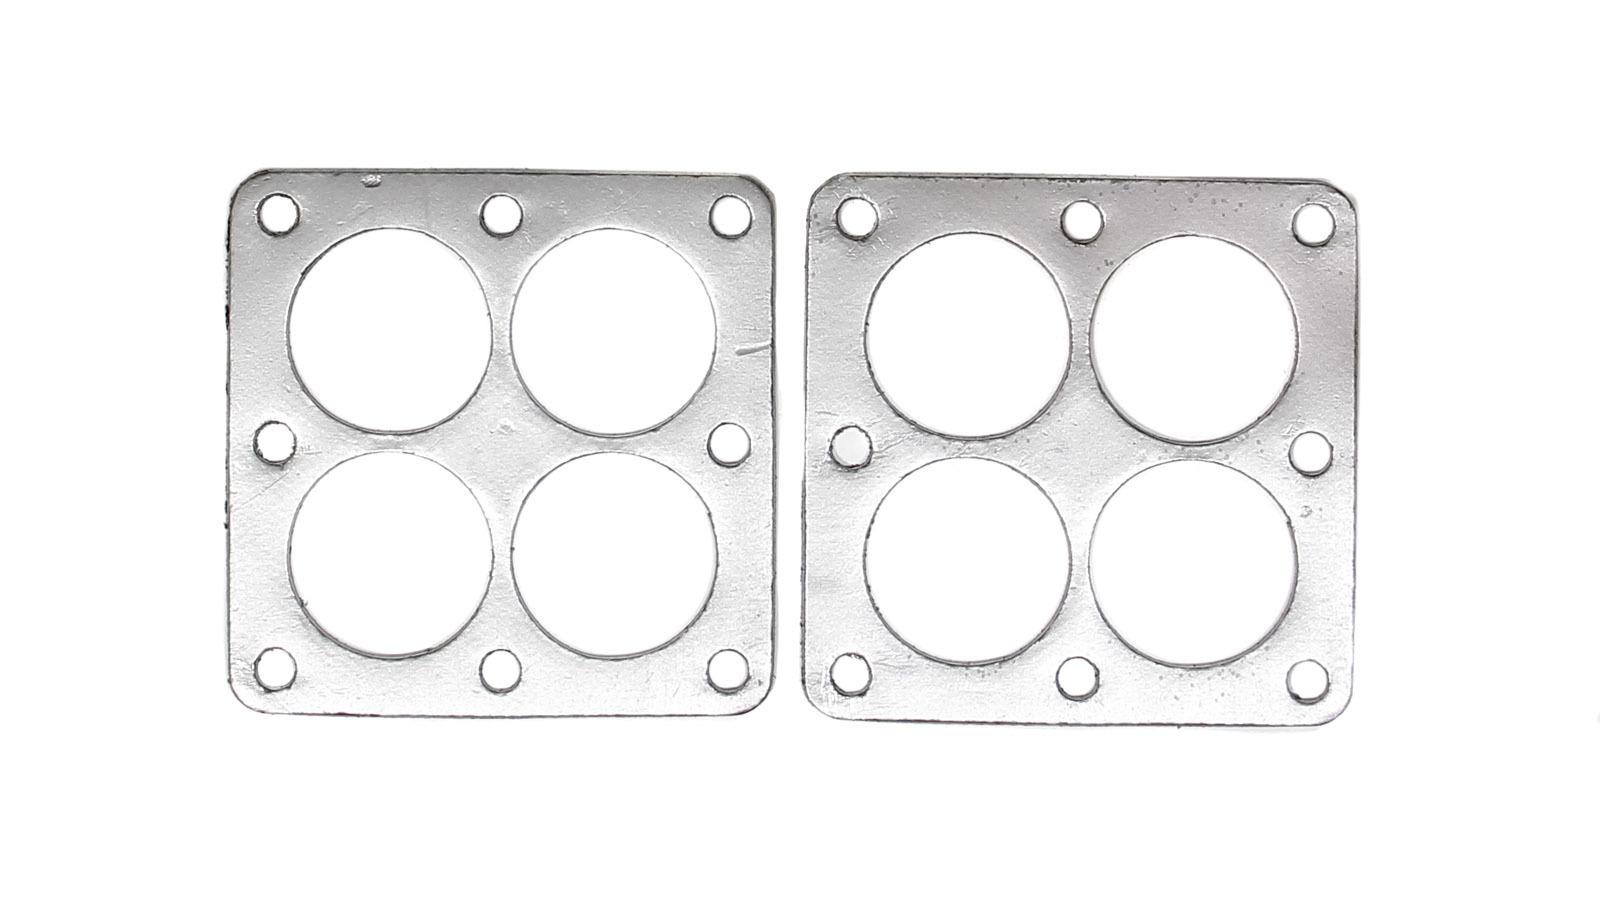 Remflex Exhaust Gaskets Exhaust Collector Gasket (pair) 4-Bolt Universal